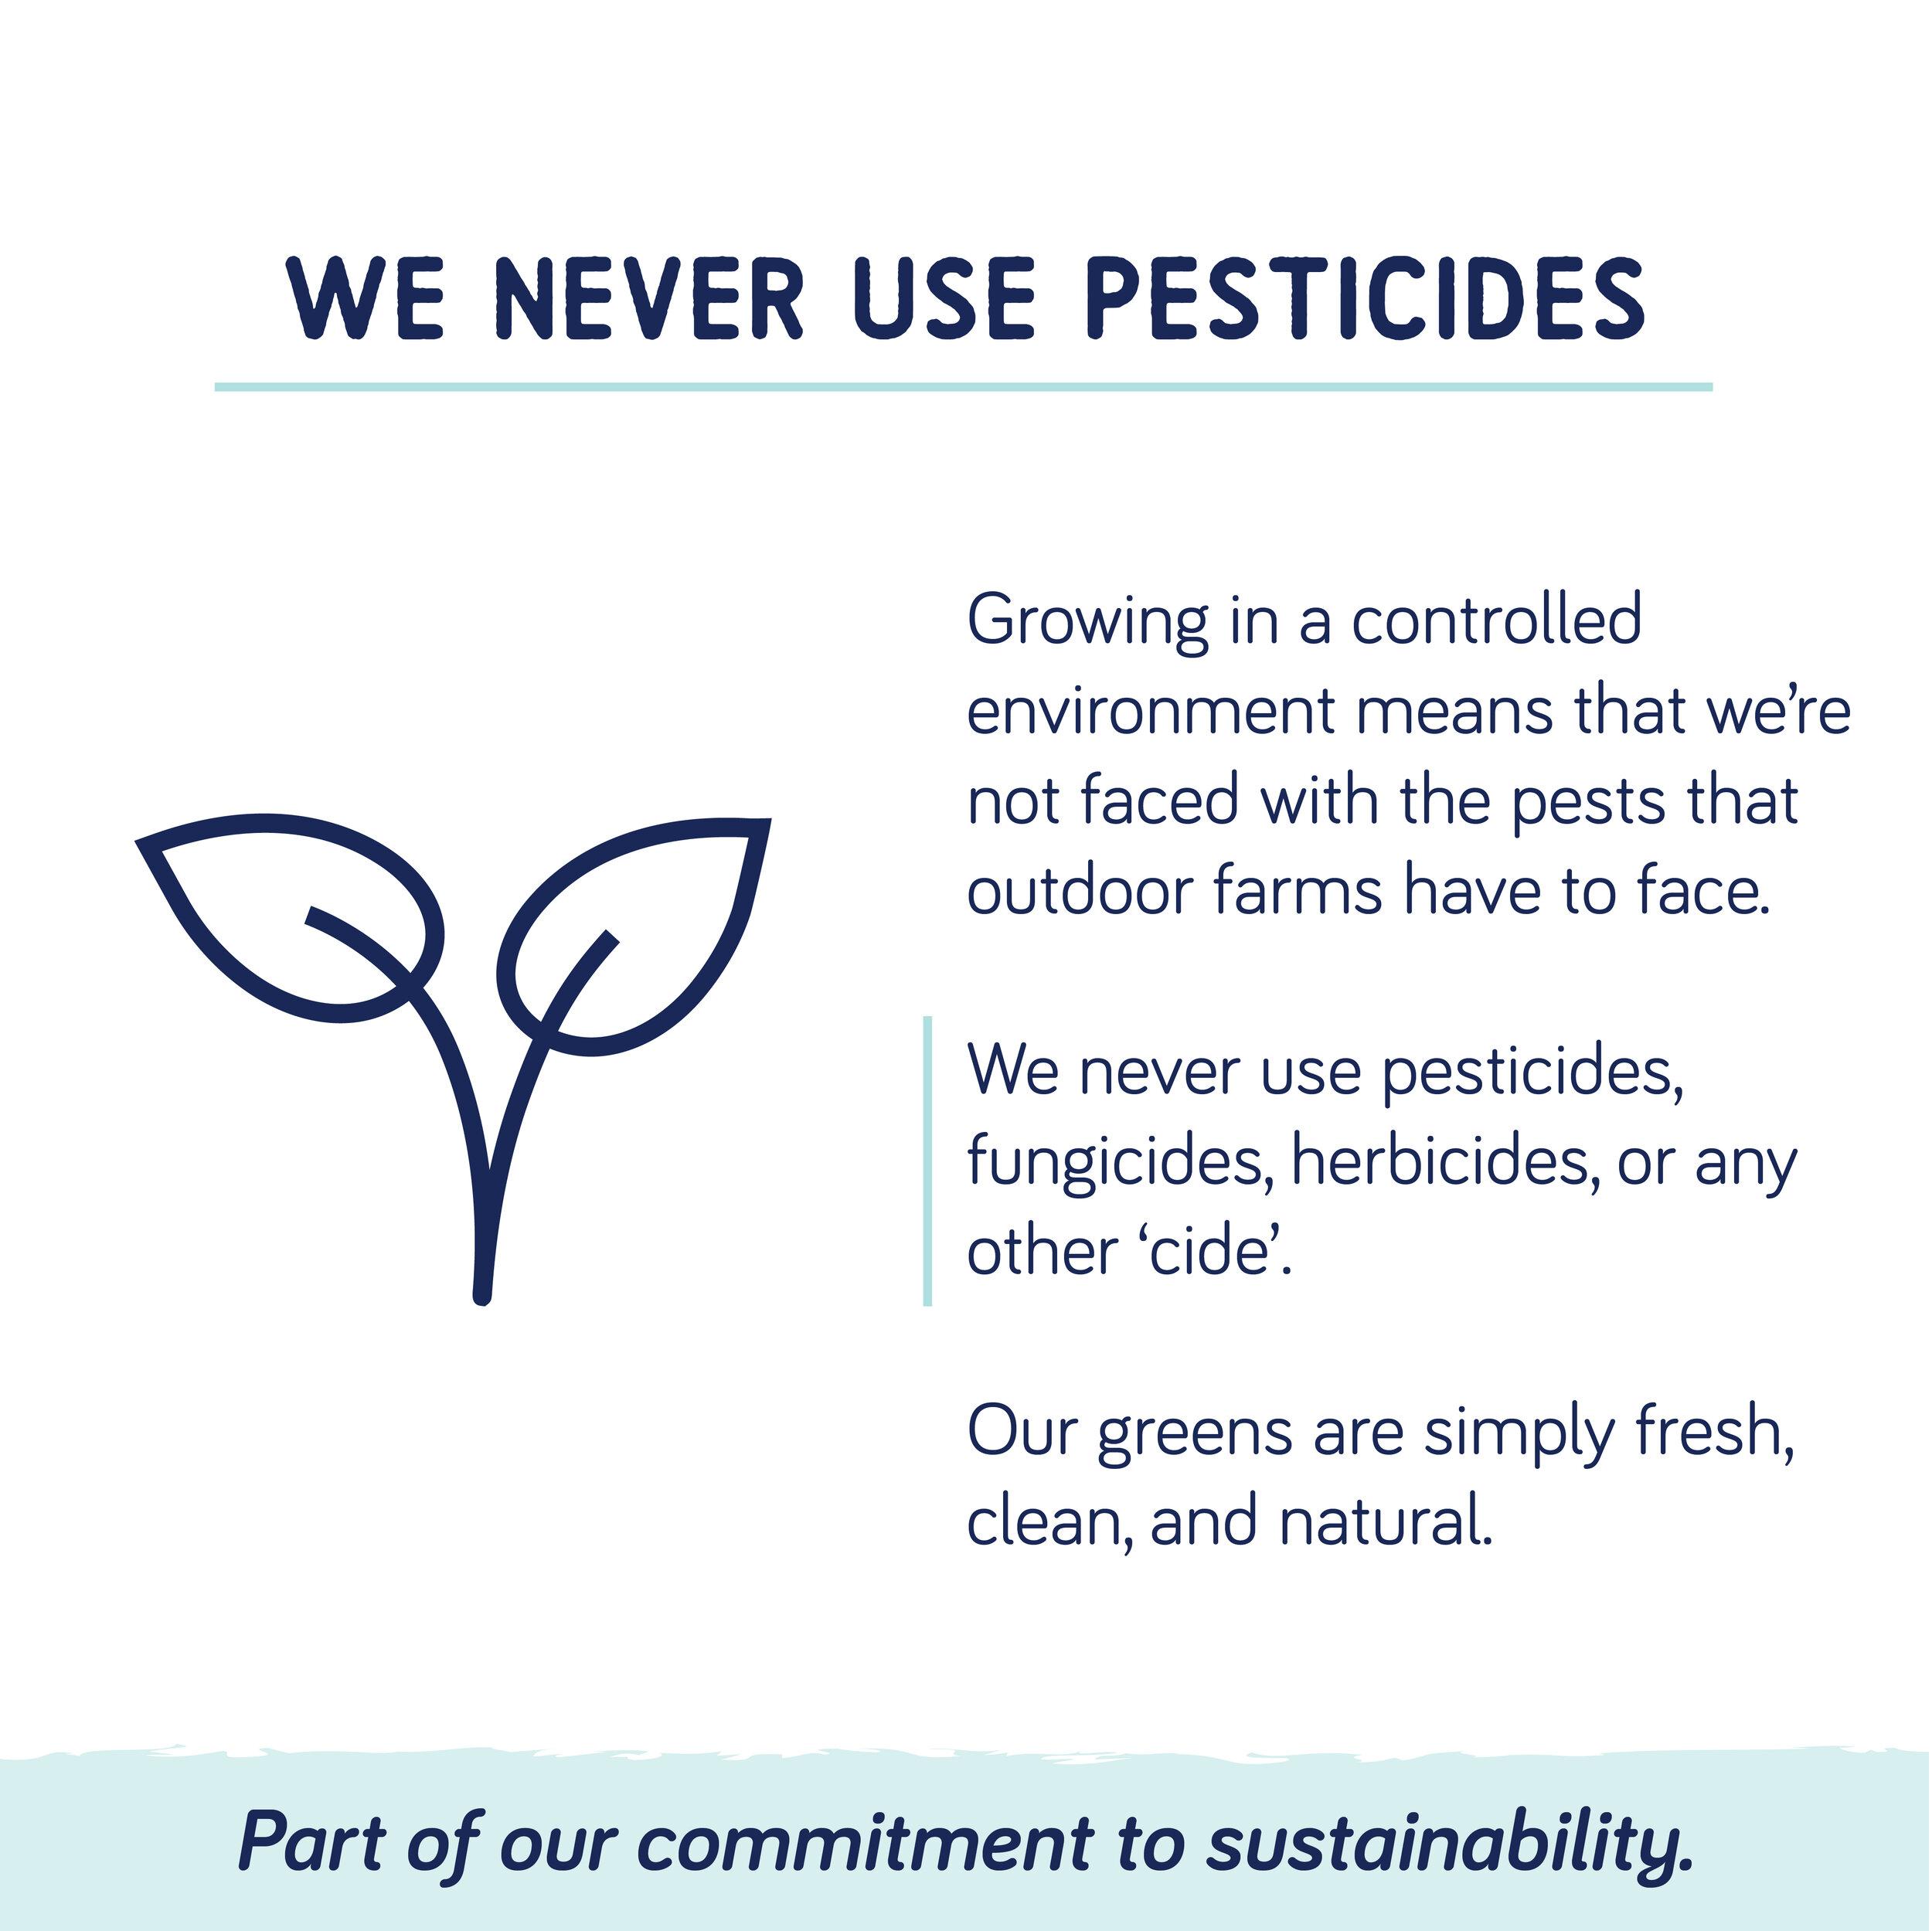 Sustainability - Pesticides.jpg